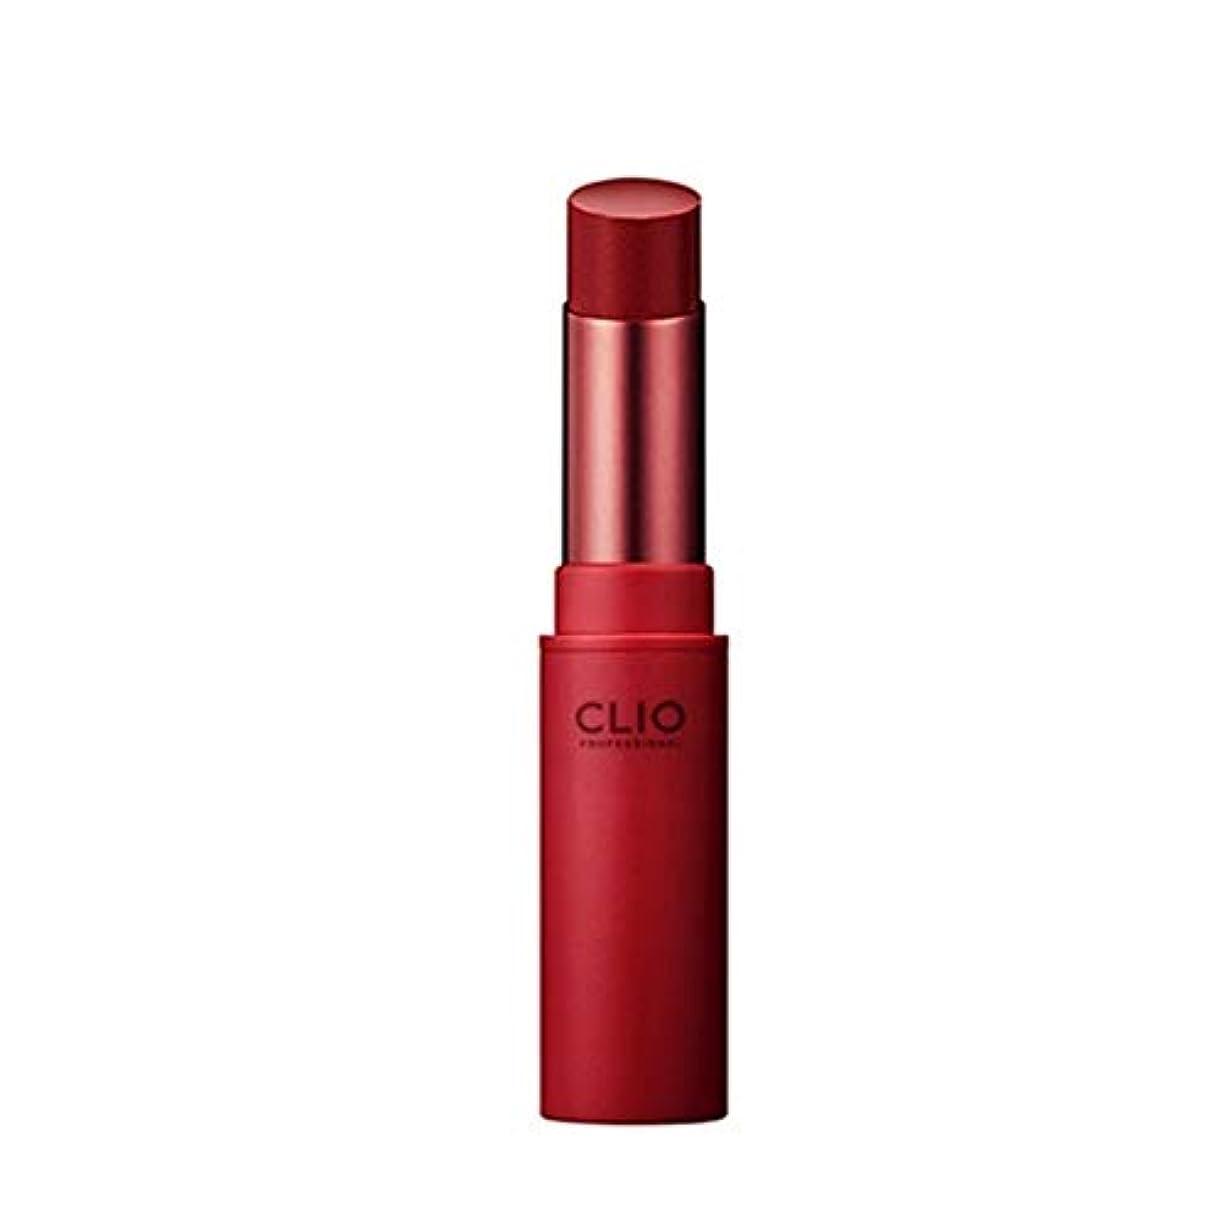 ピボット発生器マイクロフォンクリオマッドマットリップADリップスティック韓国コスメ、Clio Mad Matte Lips AD Lipstick Korean Cosmetics [並行輸入品] (18. deep cranberry)